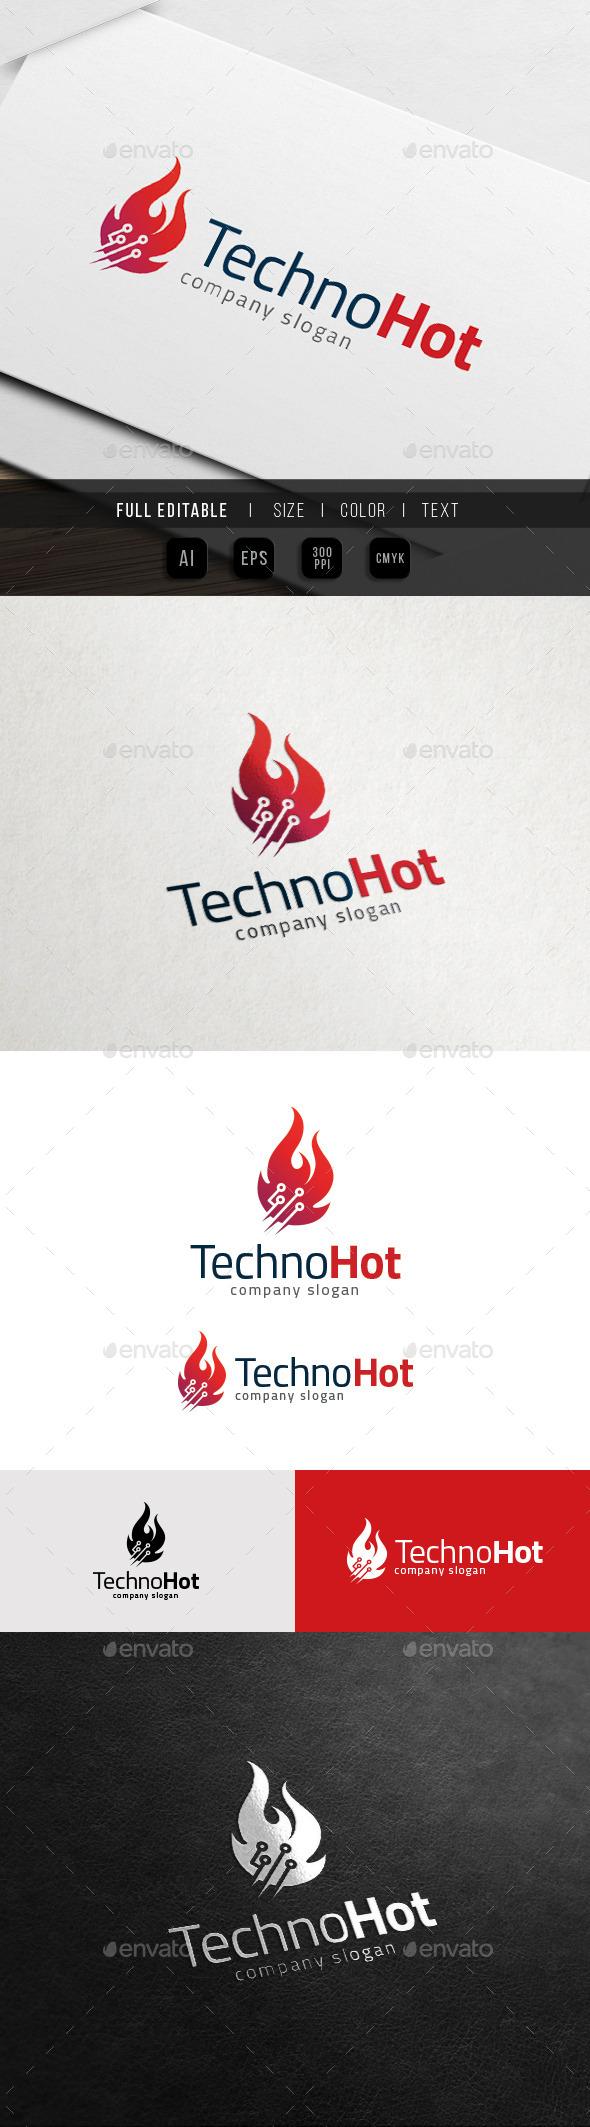 Fire Technology - Data Flame Logo